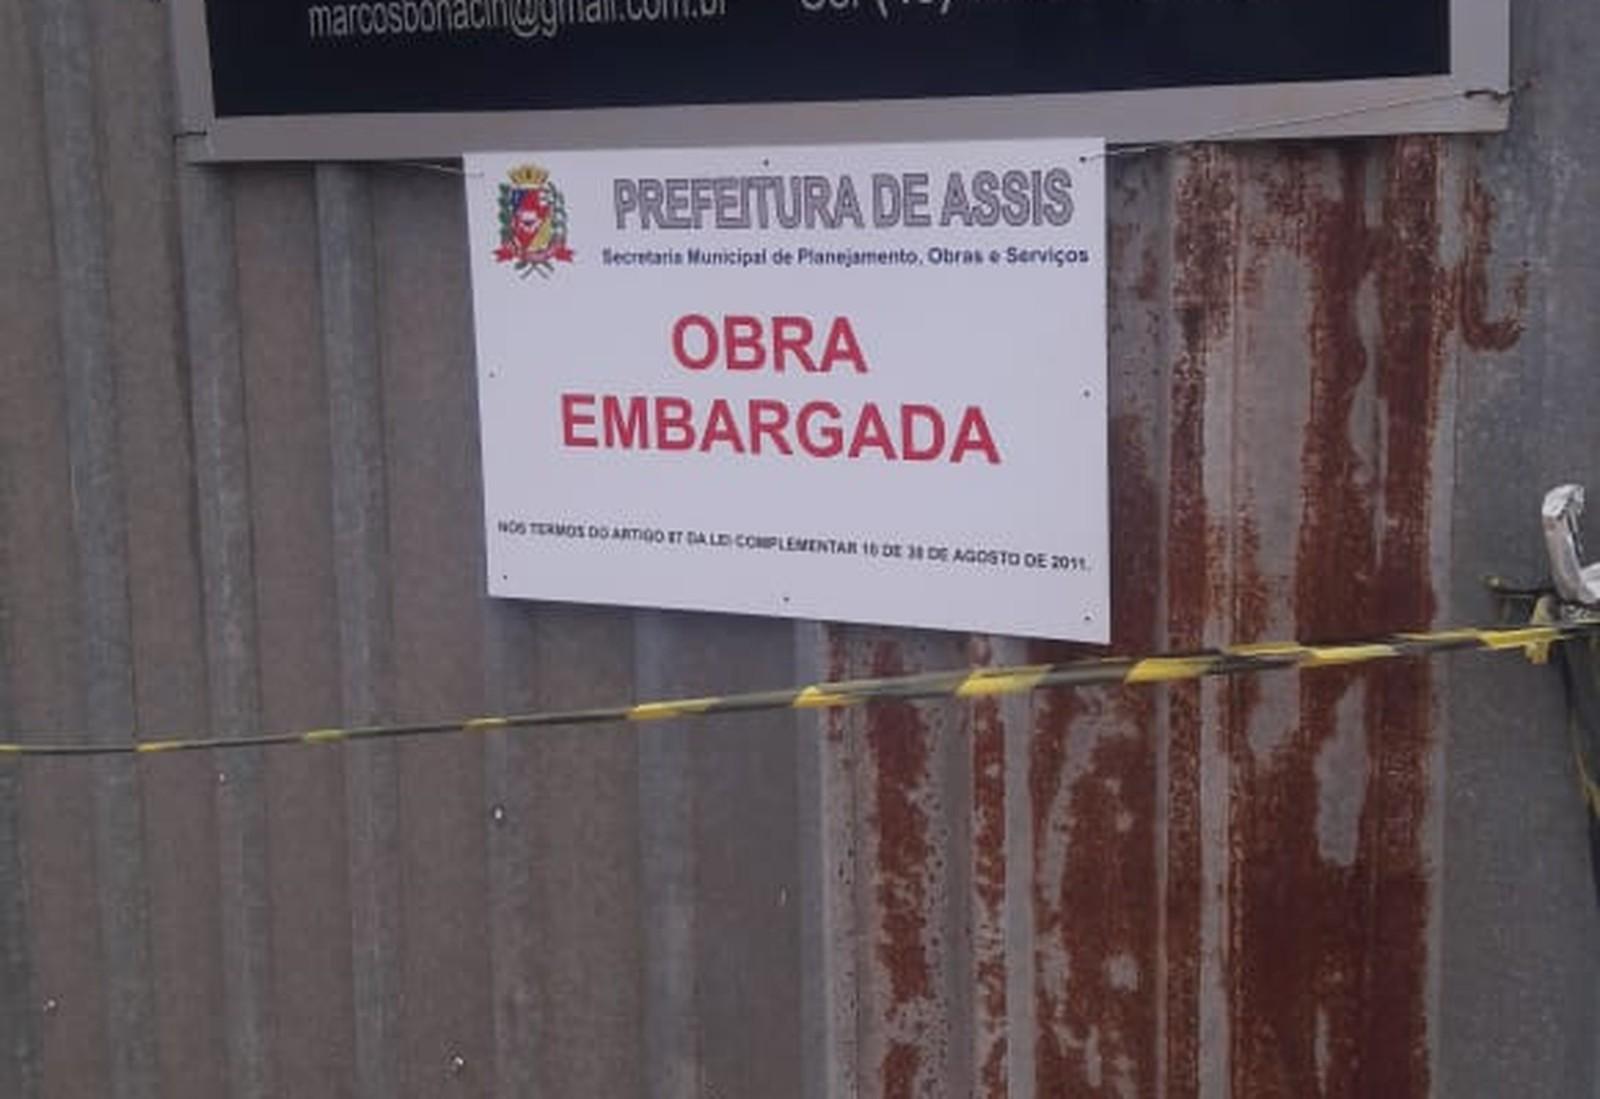 Obra onde buraco se abriu em Assis foi embargada pela prefeitura — Foto: Divulgação/Grupo The Brothers